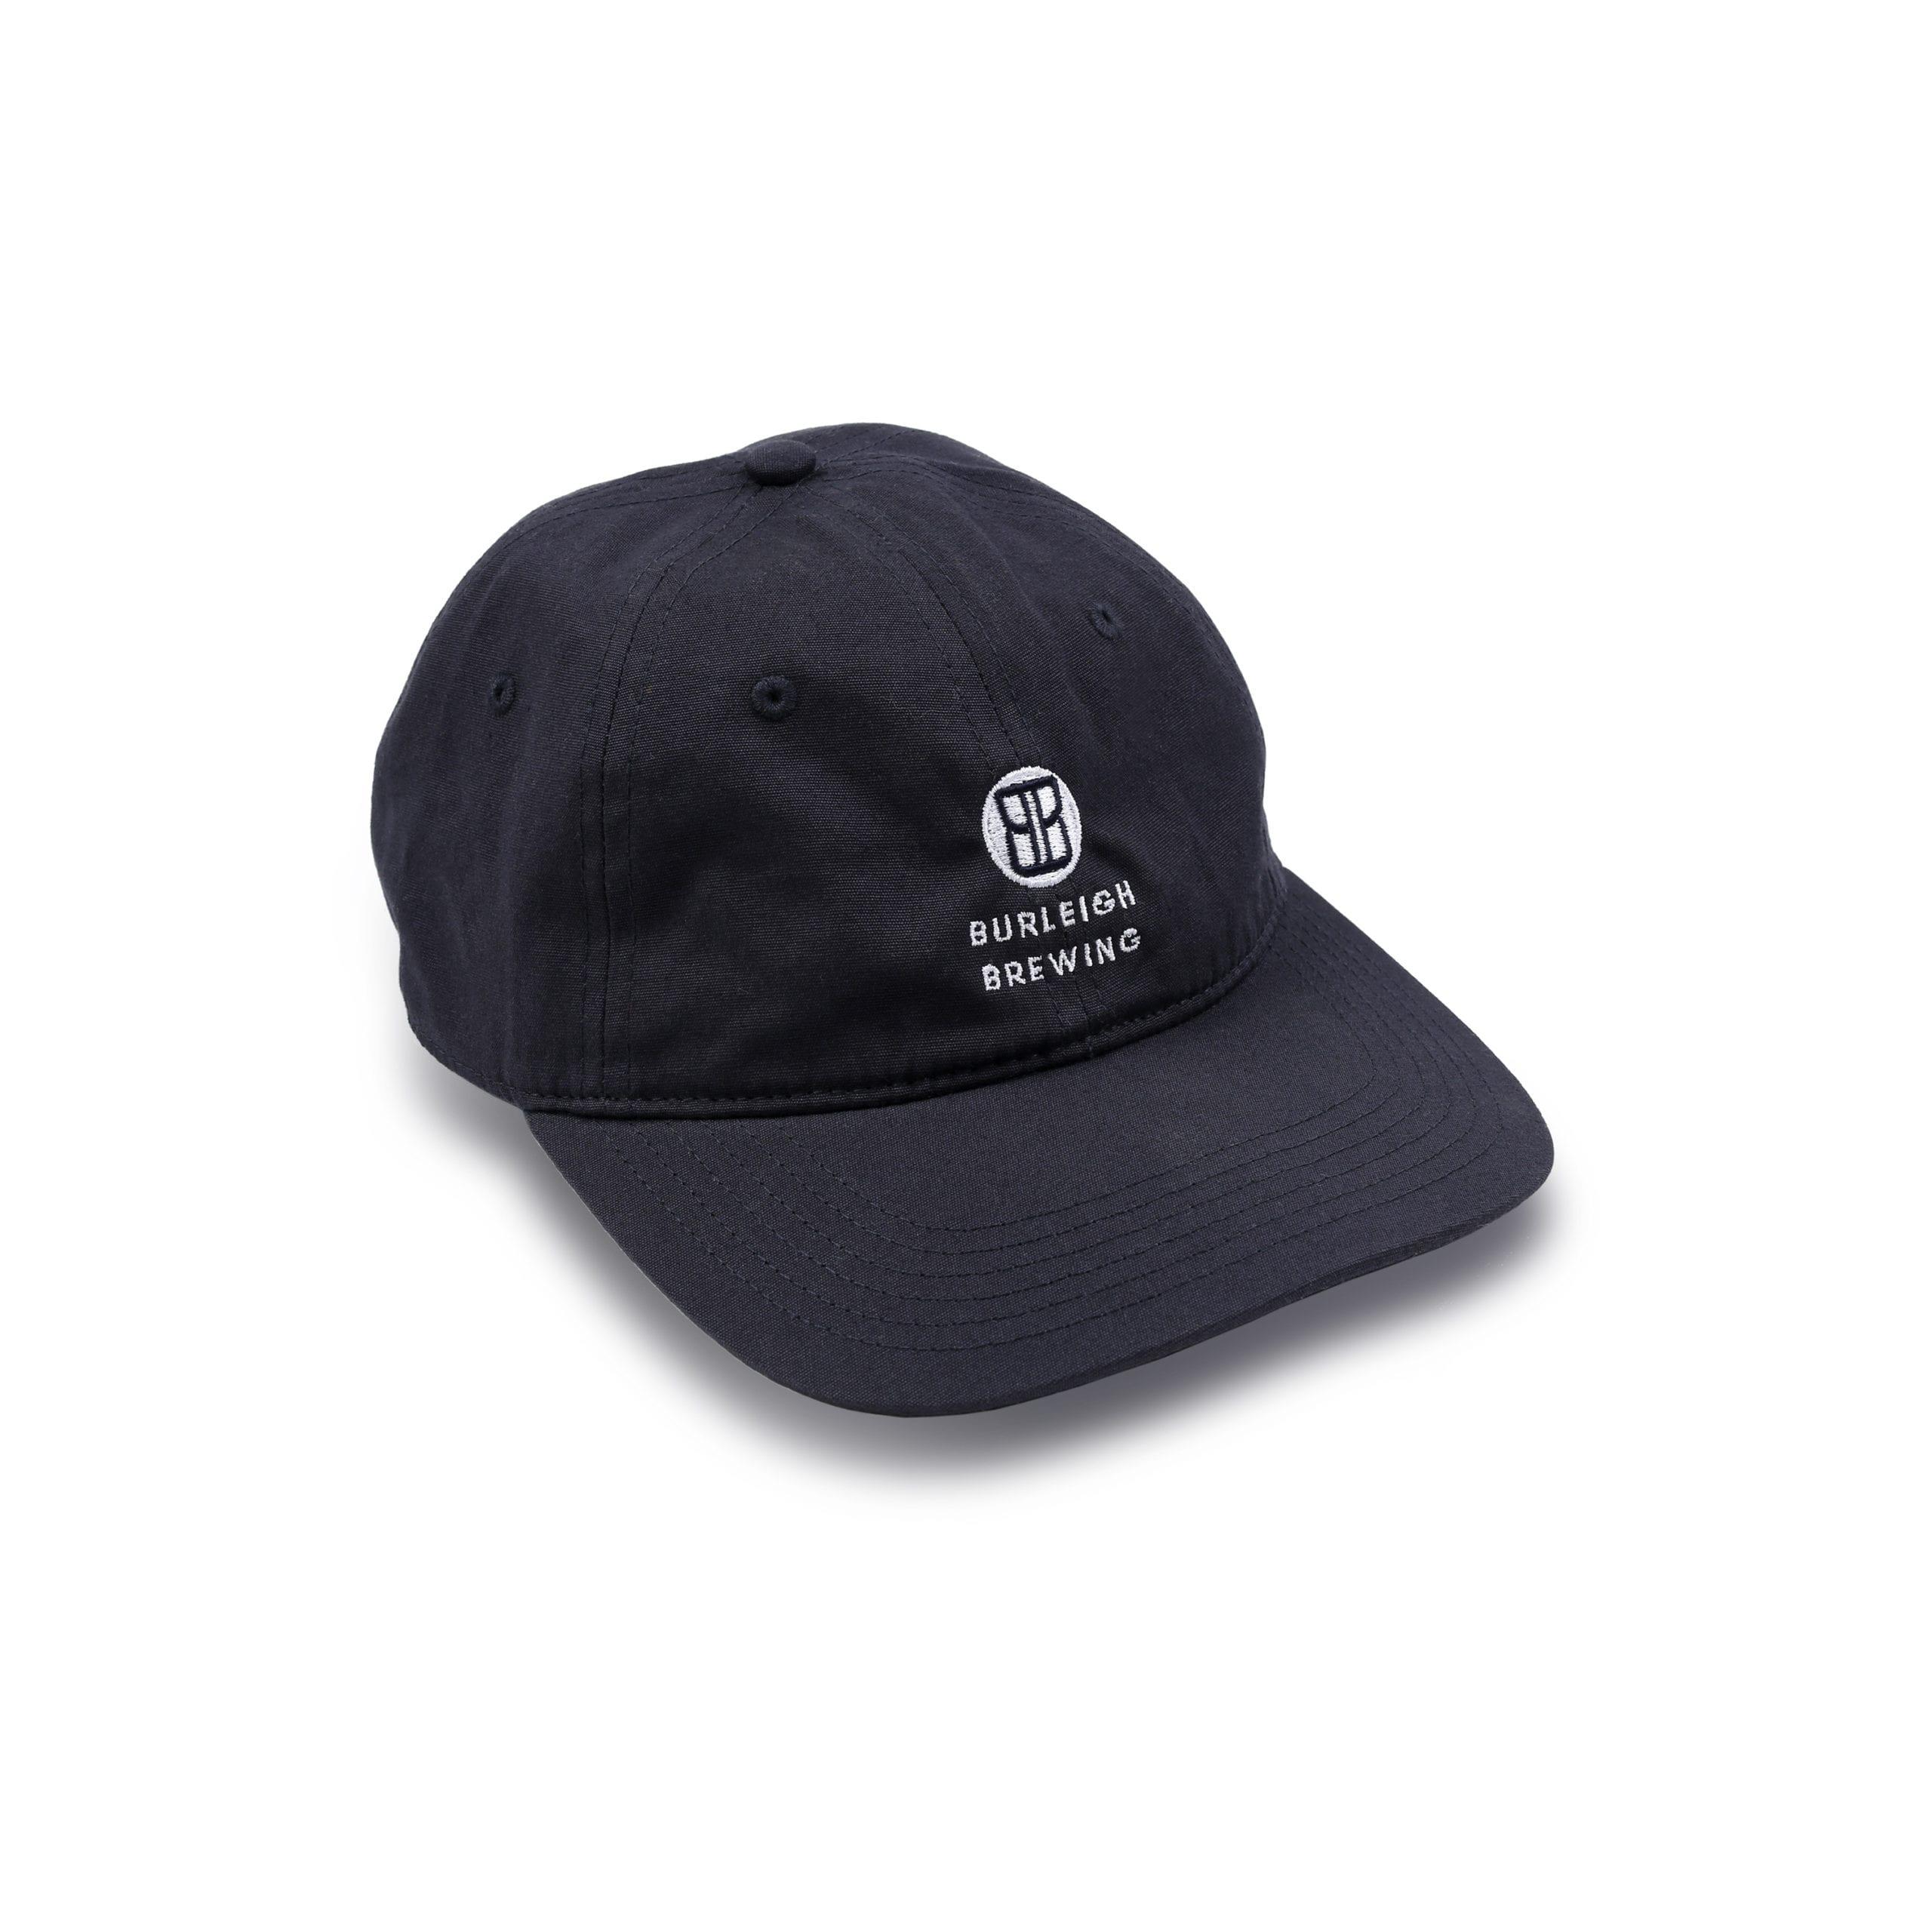 Burleigh Cap - Navy